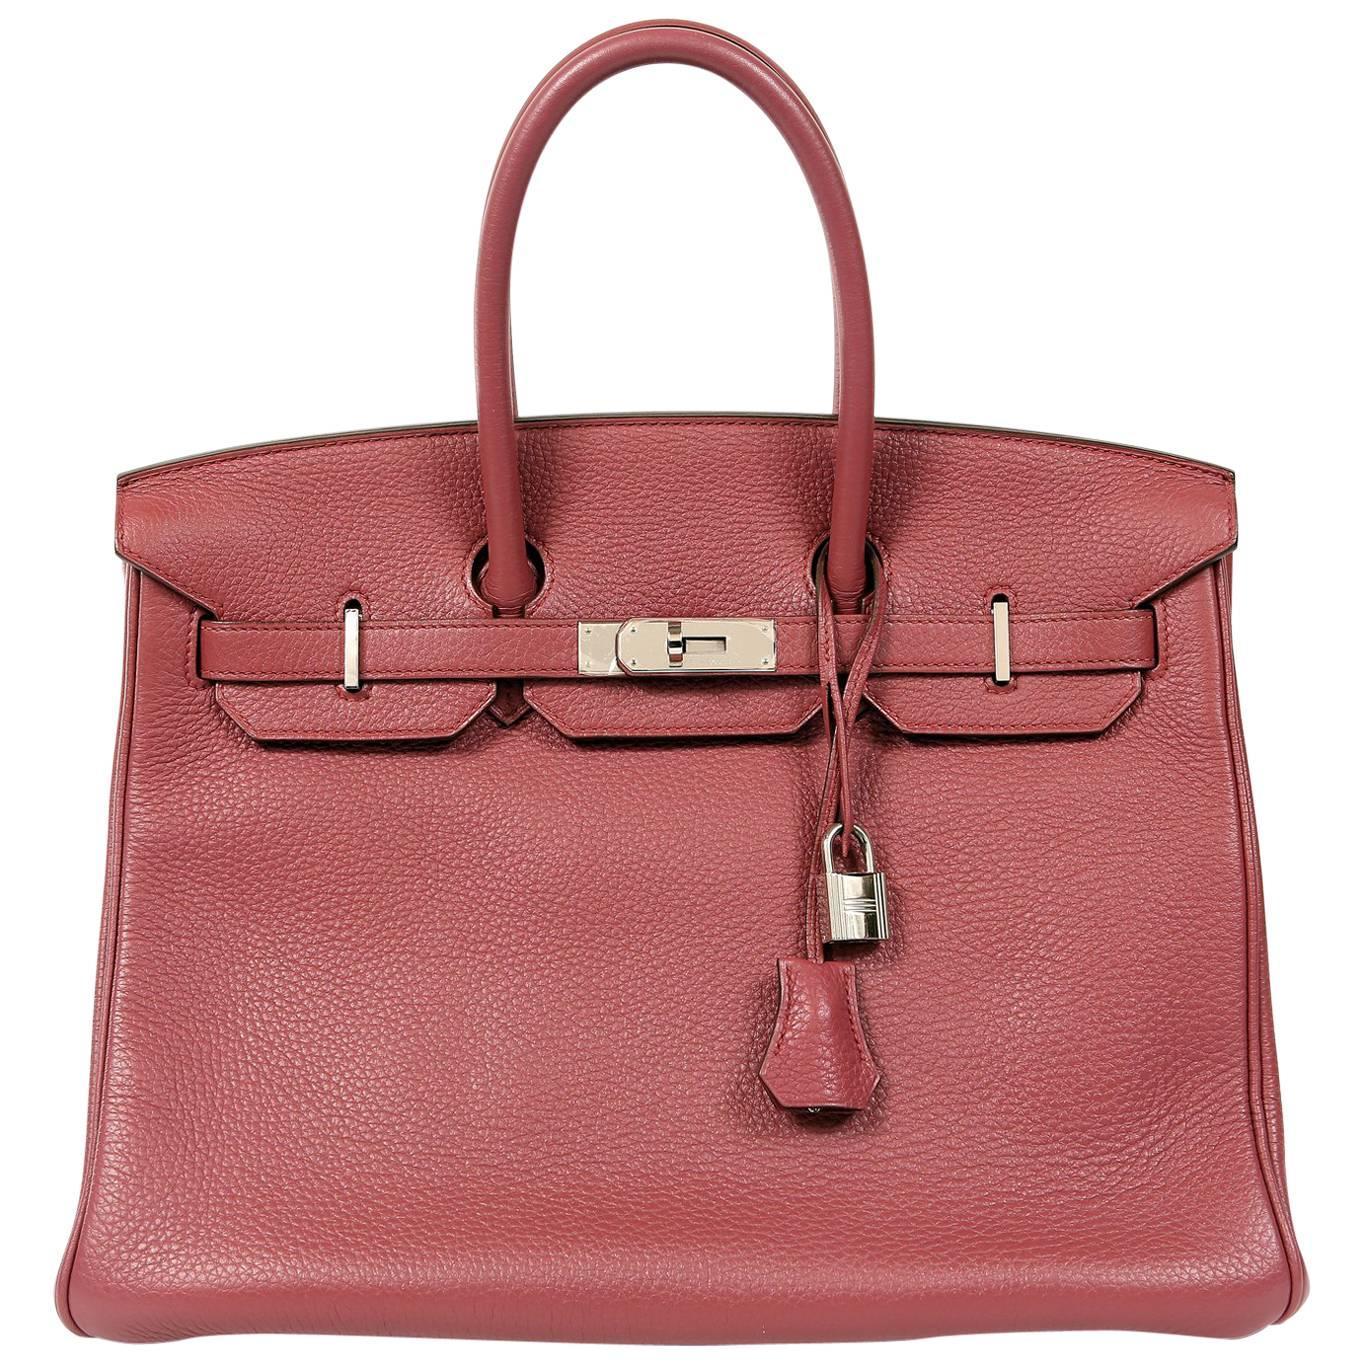 Hermès Bois de Rose Togo Leather 35 cm Birkin Bag